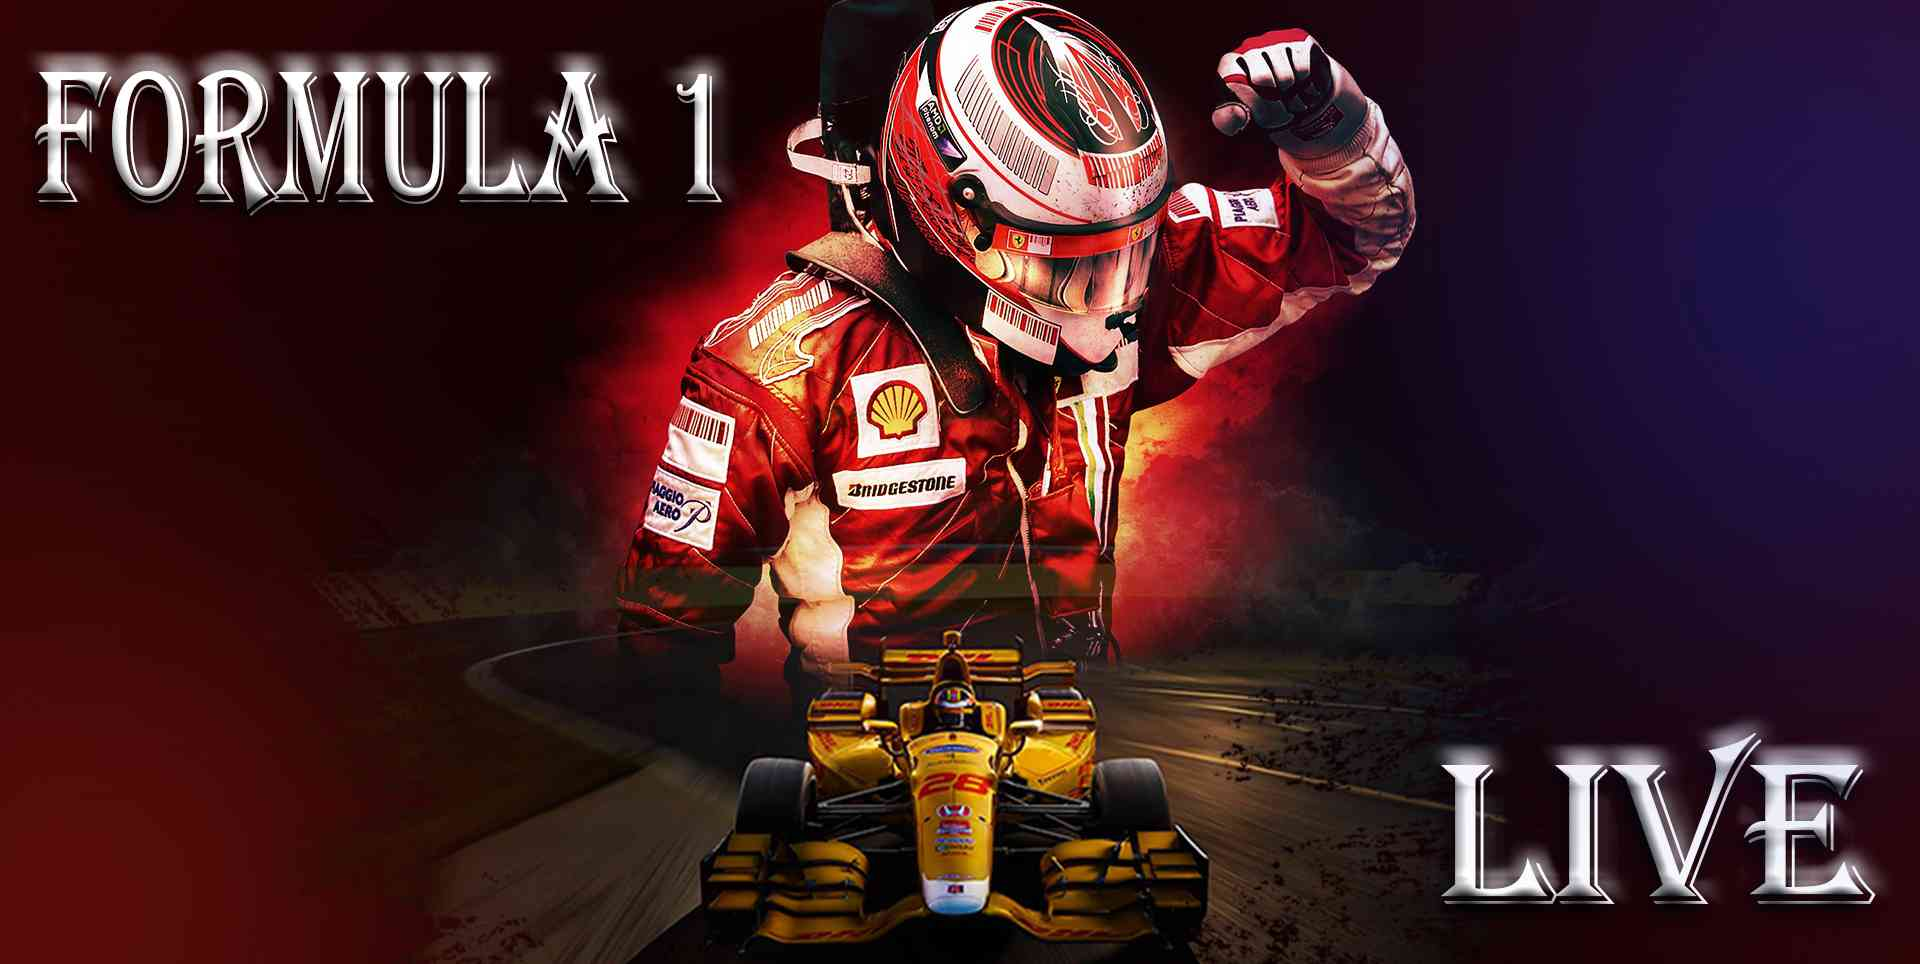 live-fia-formula-e-paris-eprix-online